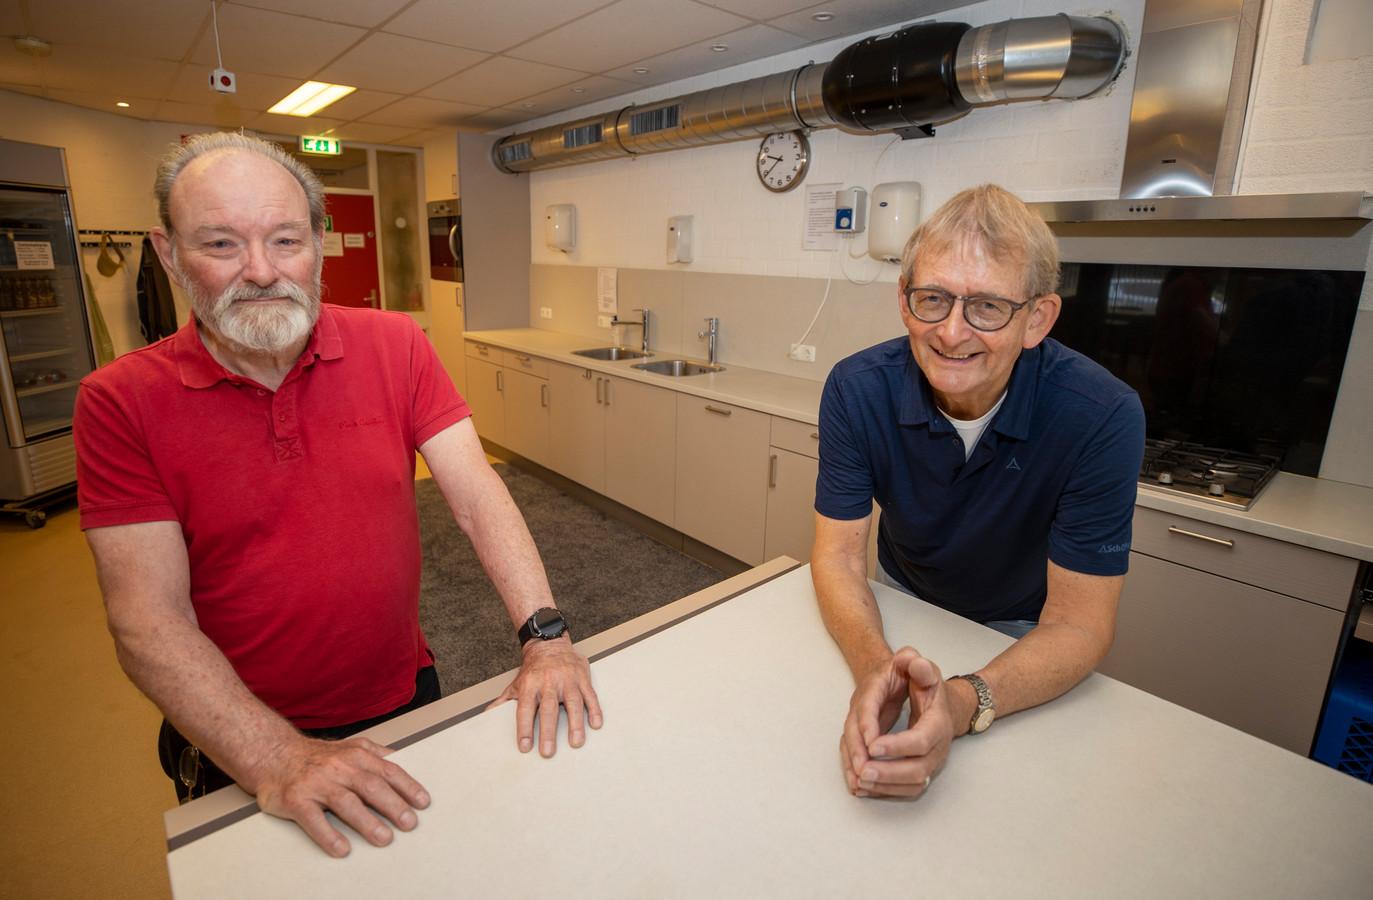 Voorzitter Joop Scholing (rechts) en techneut Cees de Lange bij het nieuwe ventilatiesysteem.